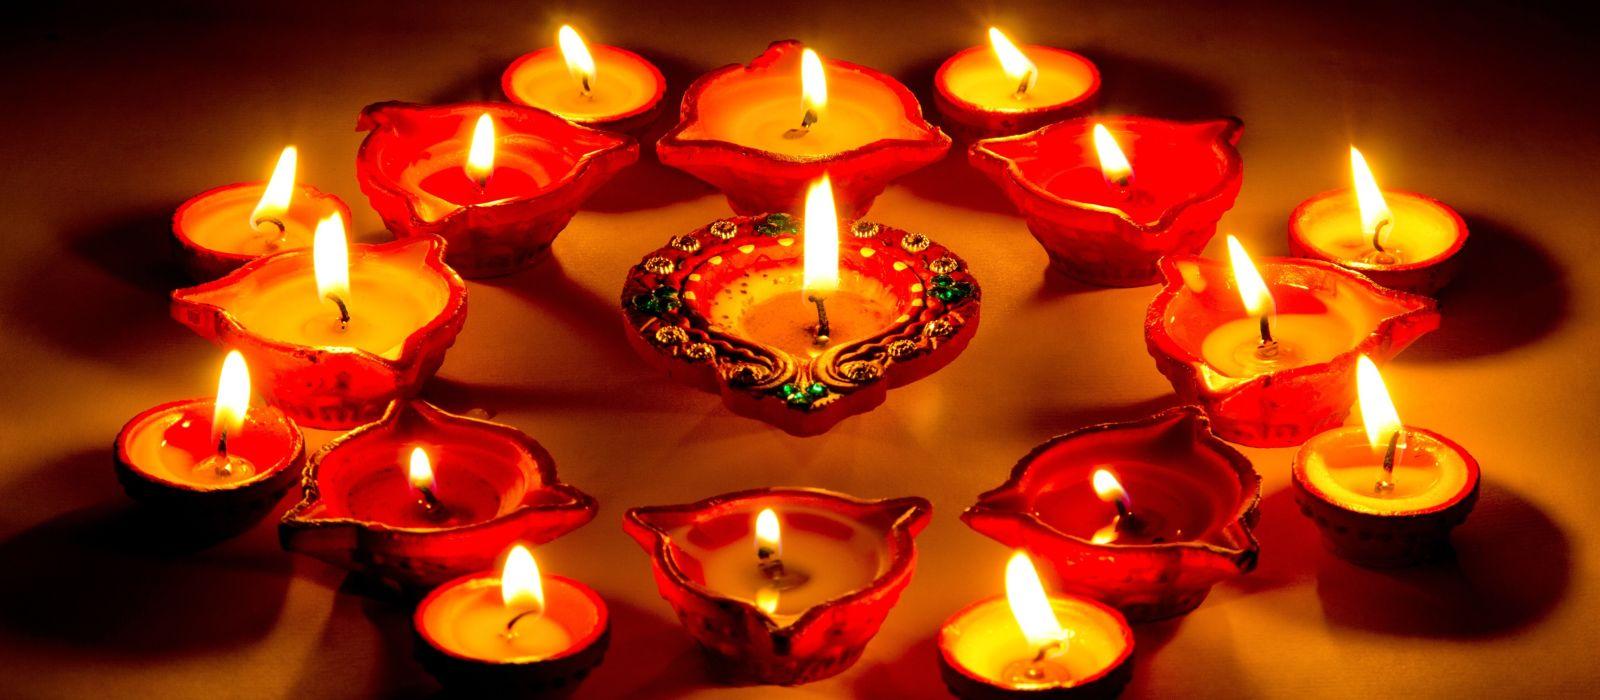 High Resolution Diwali Wallpapers: Indien Festivals: Diwali, Fest Der Lichter